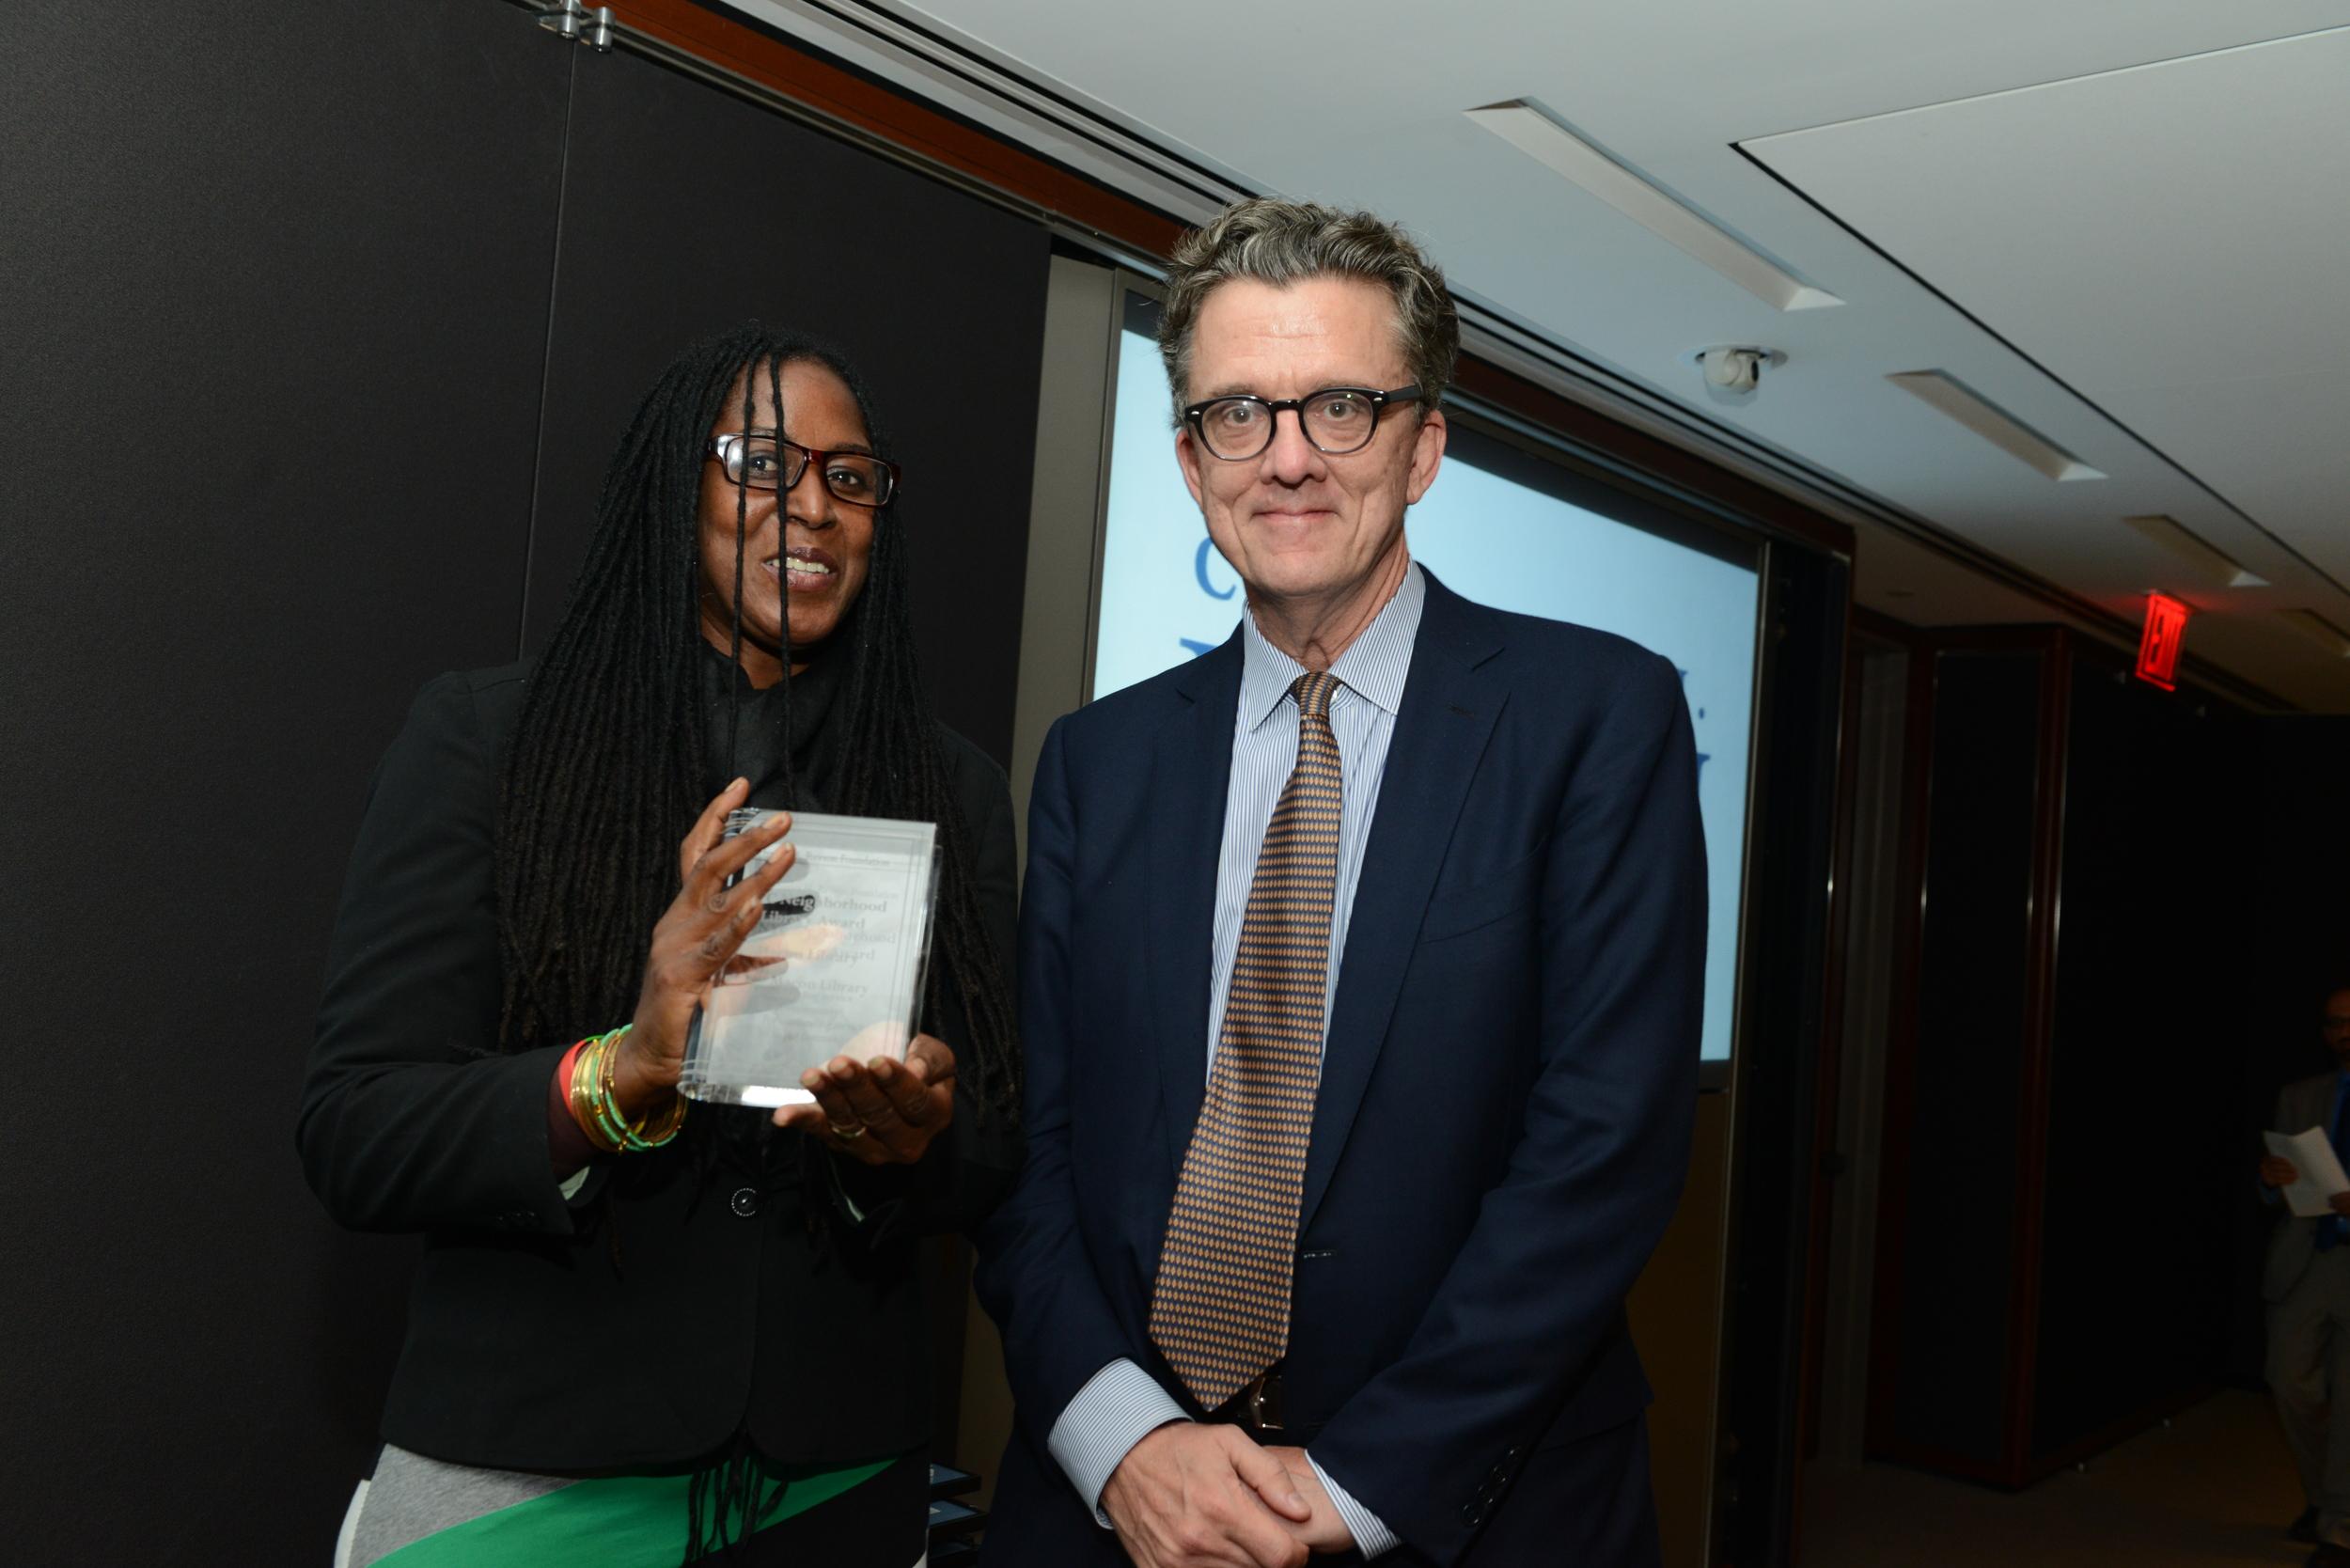 Macon Library accepts its award from Judge Kurt Andersen